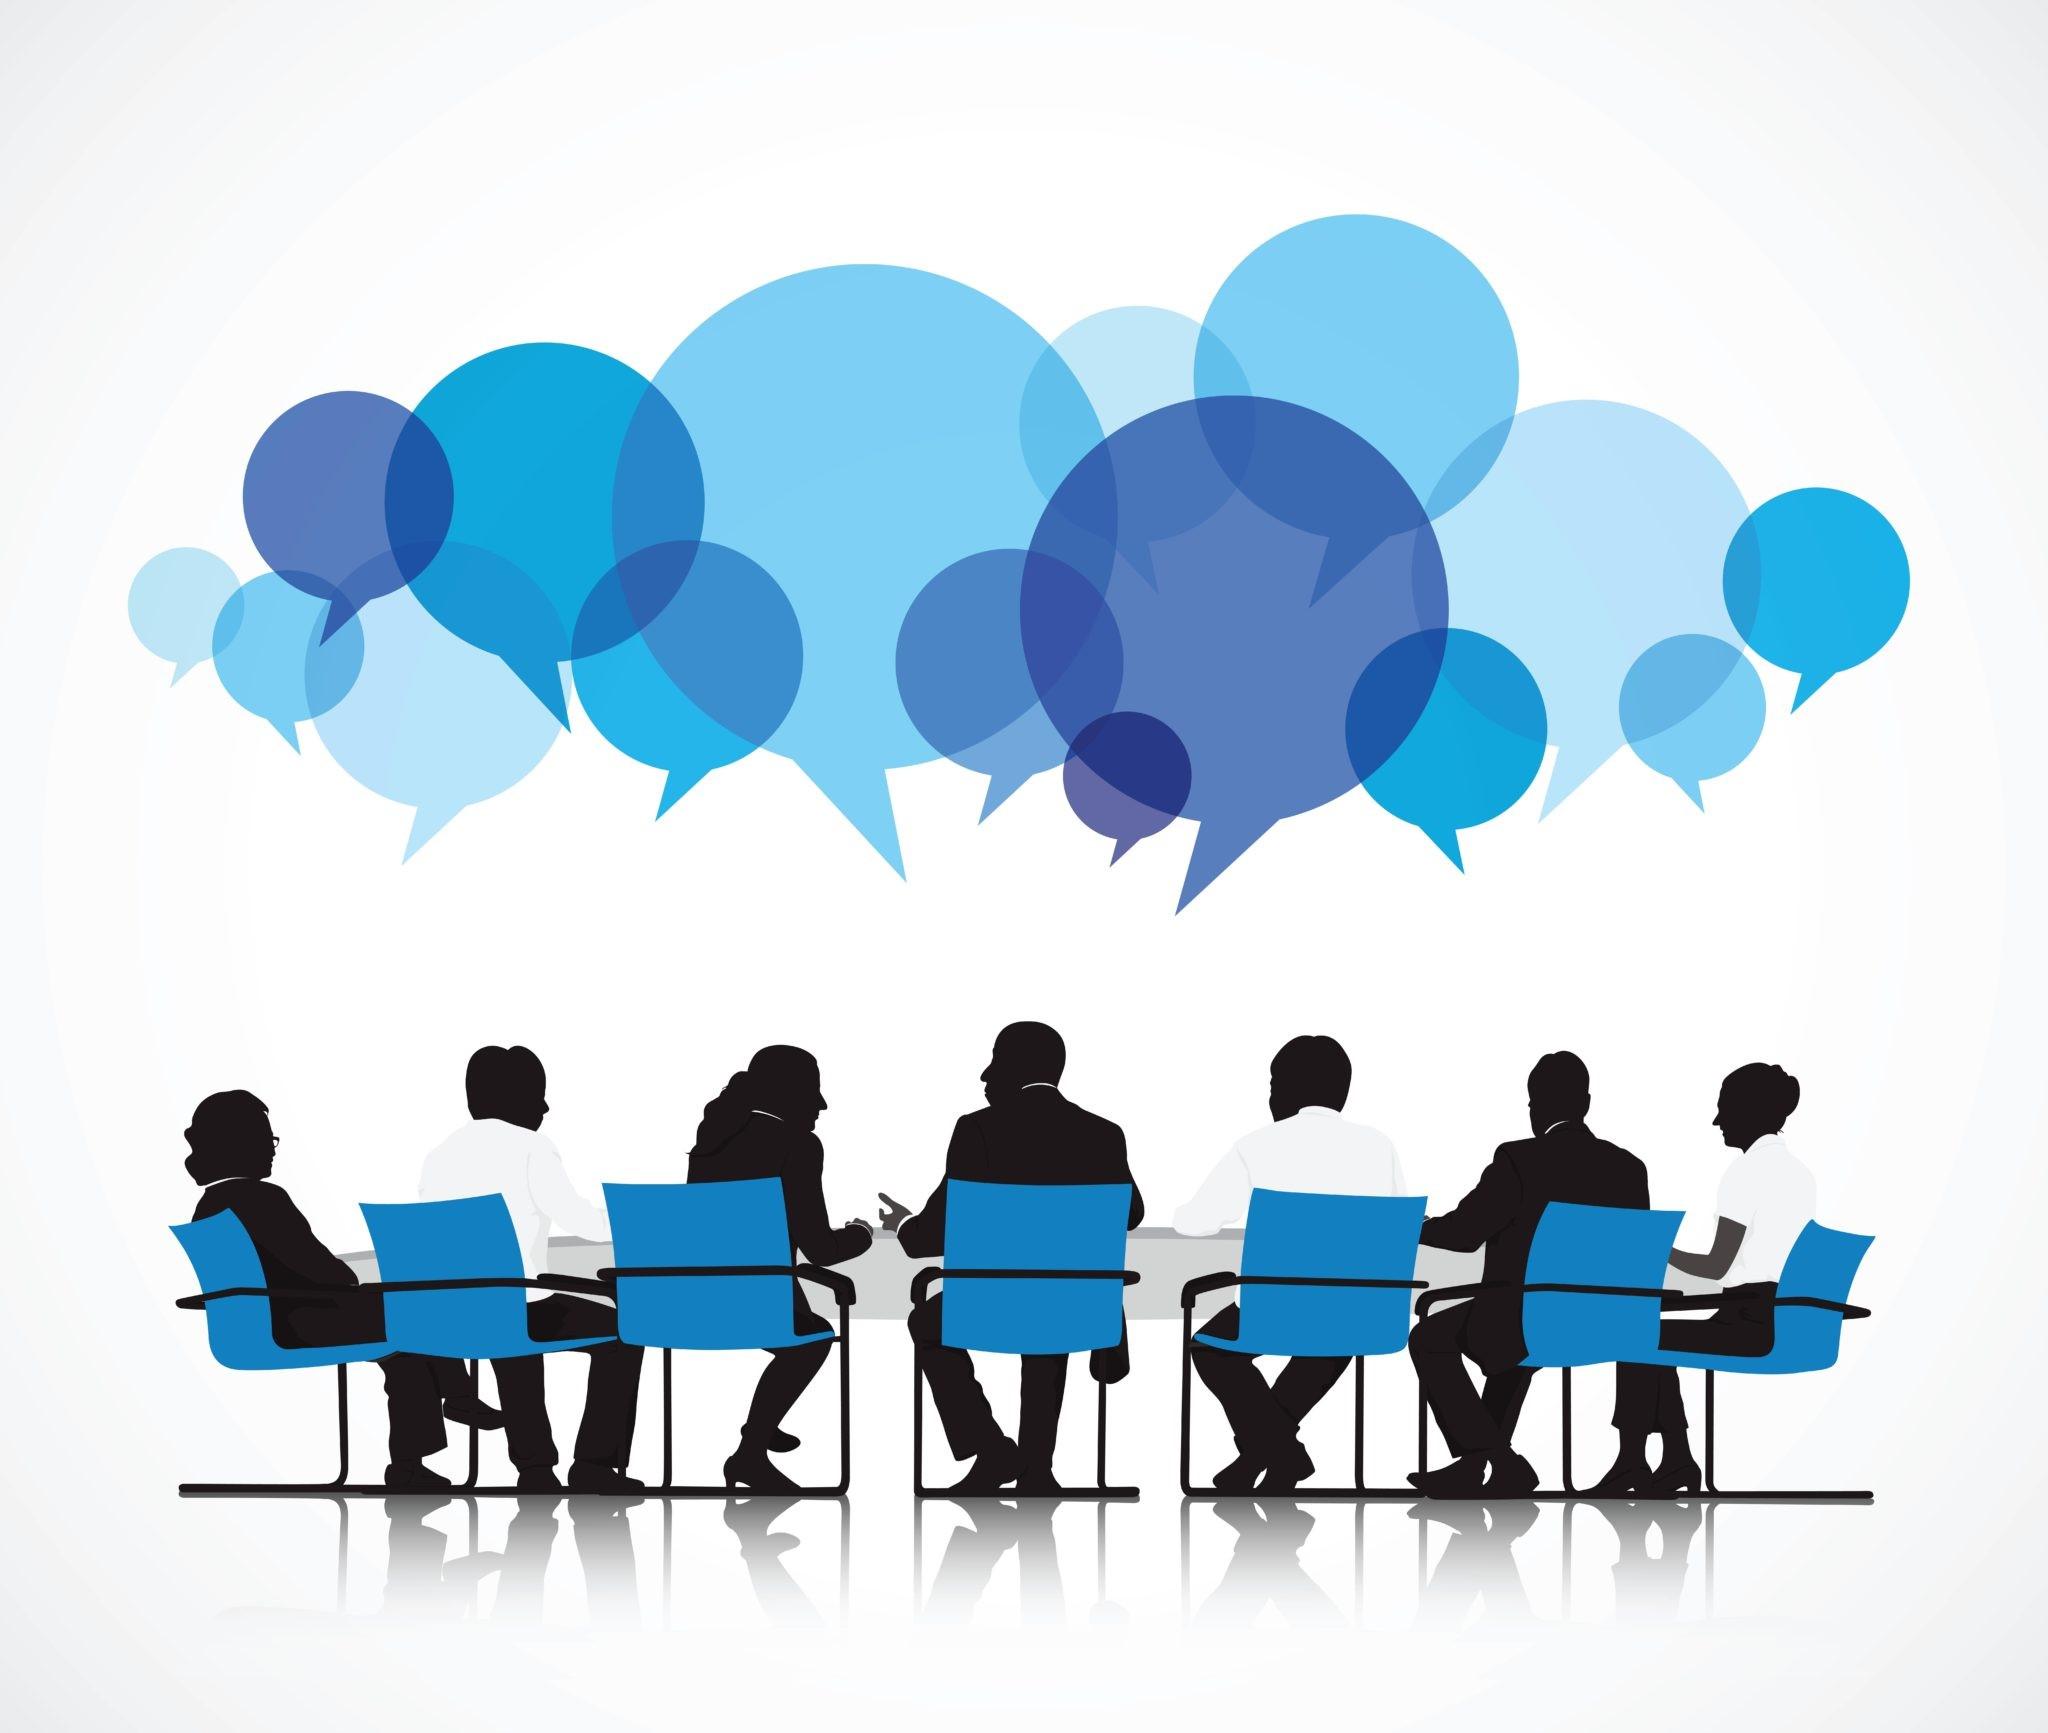 Grafiikkaa ihmisistä istumassa ja keskustelemassa pöydän ääressä.